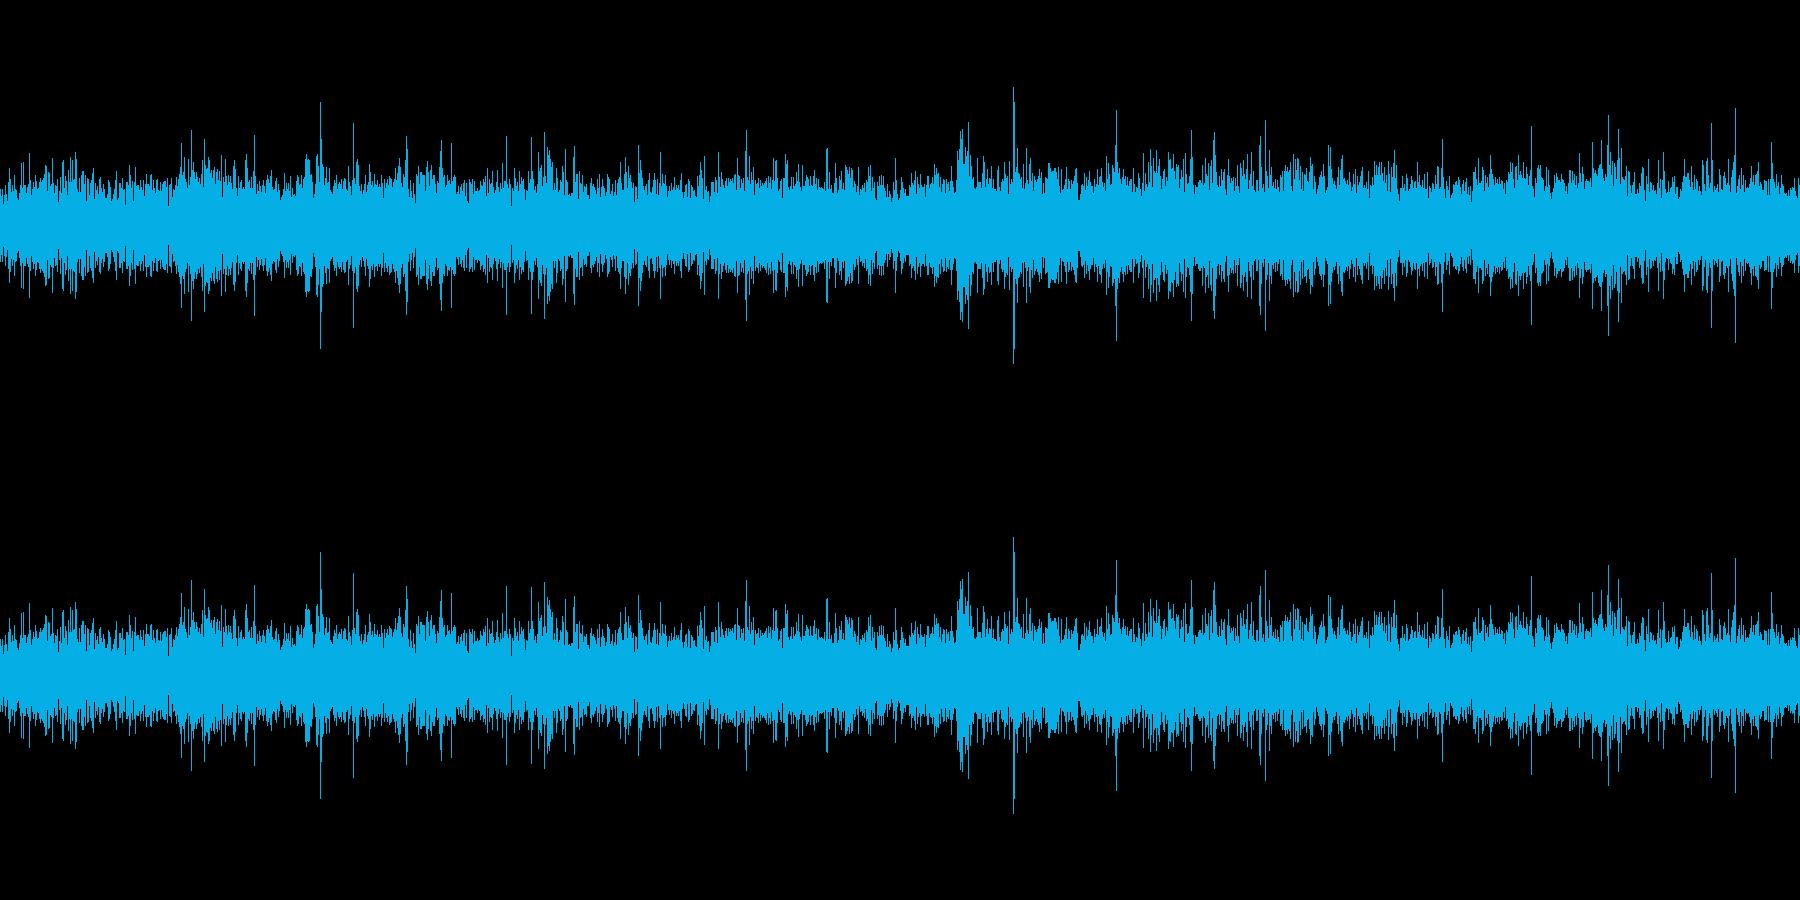 川の流れる音(ループ仕様)の再生済みの波形